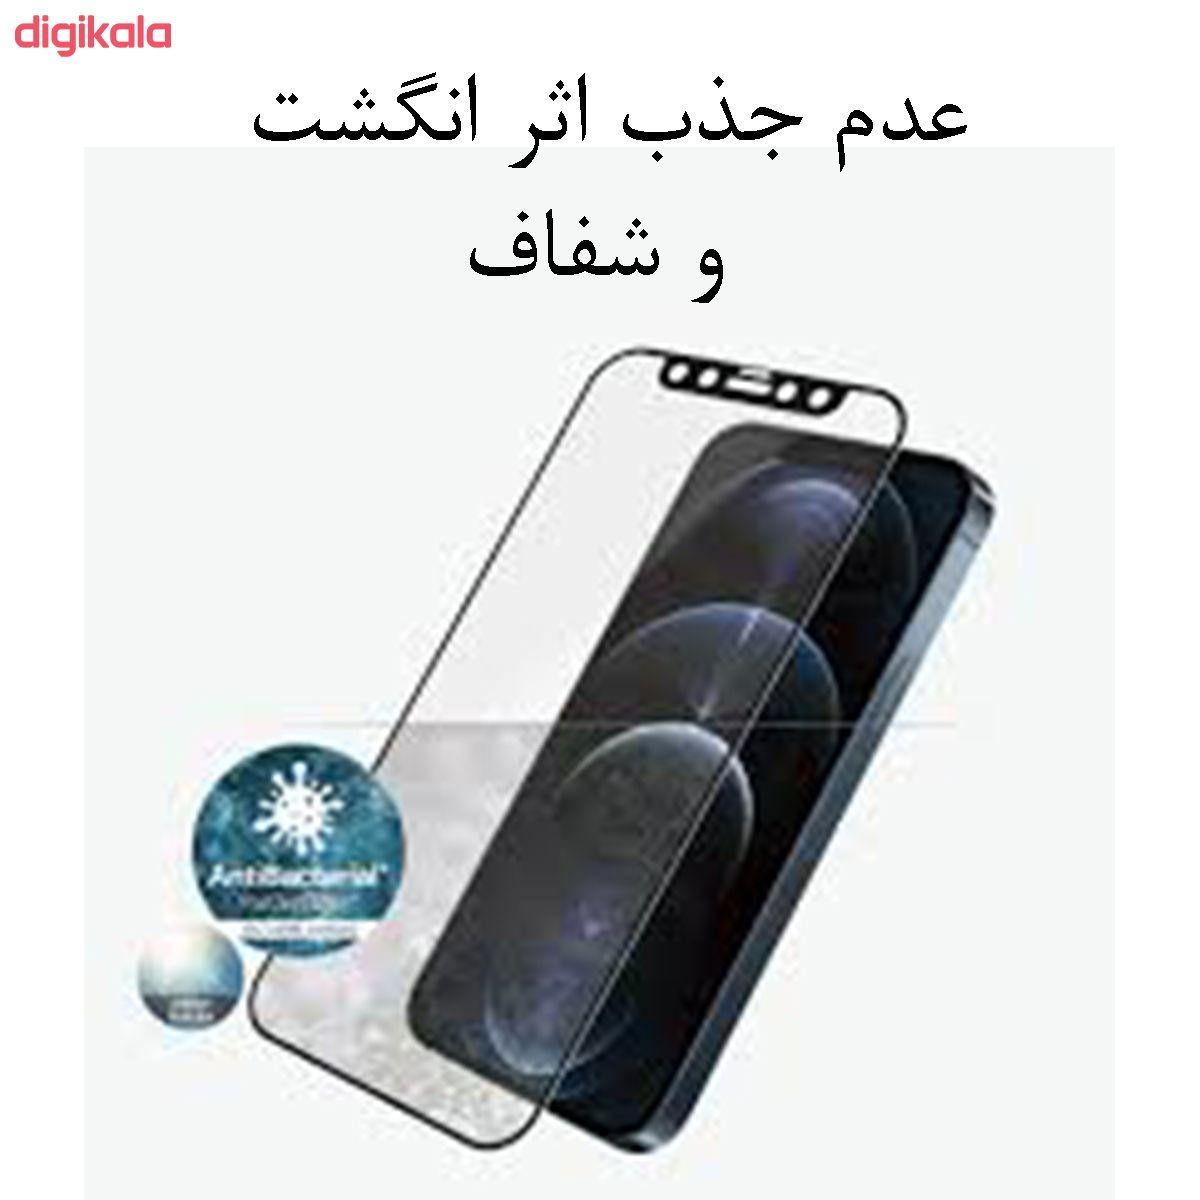 محافظ صفحه نمایش سرامیکی مدل CRM_CLR مناسب برای گوشی موبایل اپل iPhone 12 Pro Max main 1 3